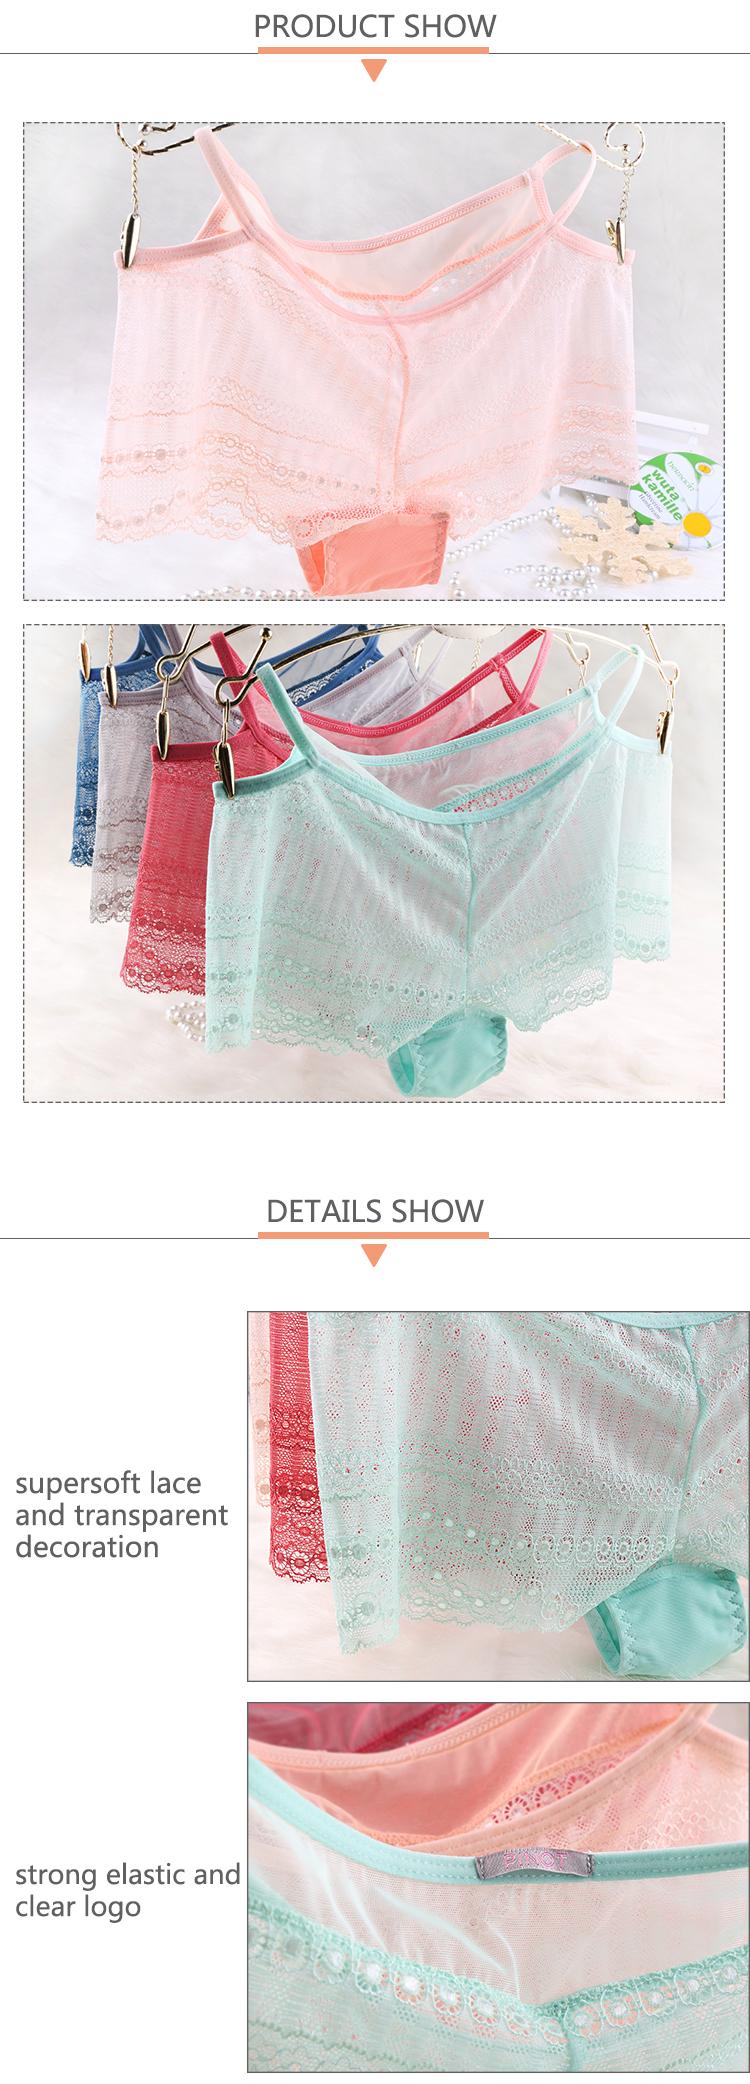 3bd67fab0 Senhoras por atacado colorido rendas boyshort calcinhas mulheres briefs  sexo quente modal roupas íntimas femininas.